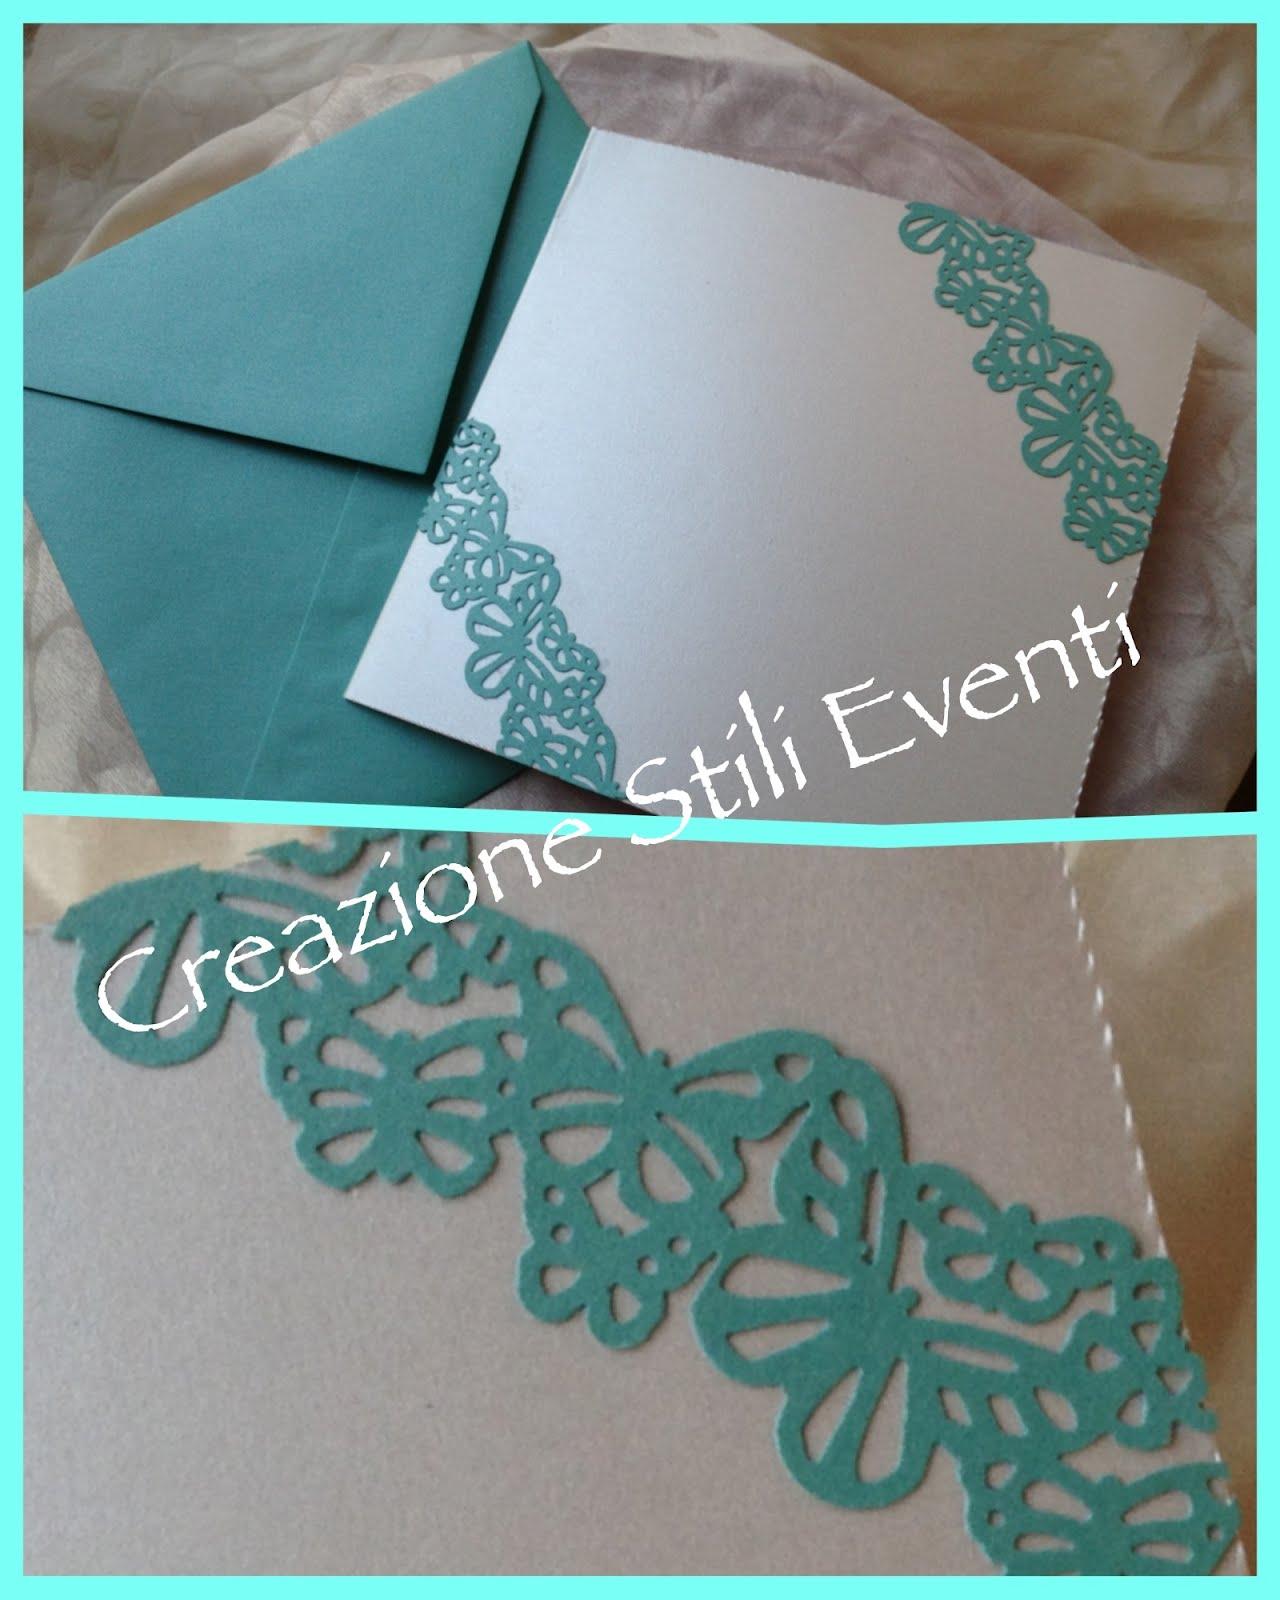 Partecipazioni Matrimonio Azzurro Tiffany : Creazione stili eventi partecipazioni matrimonio